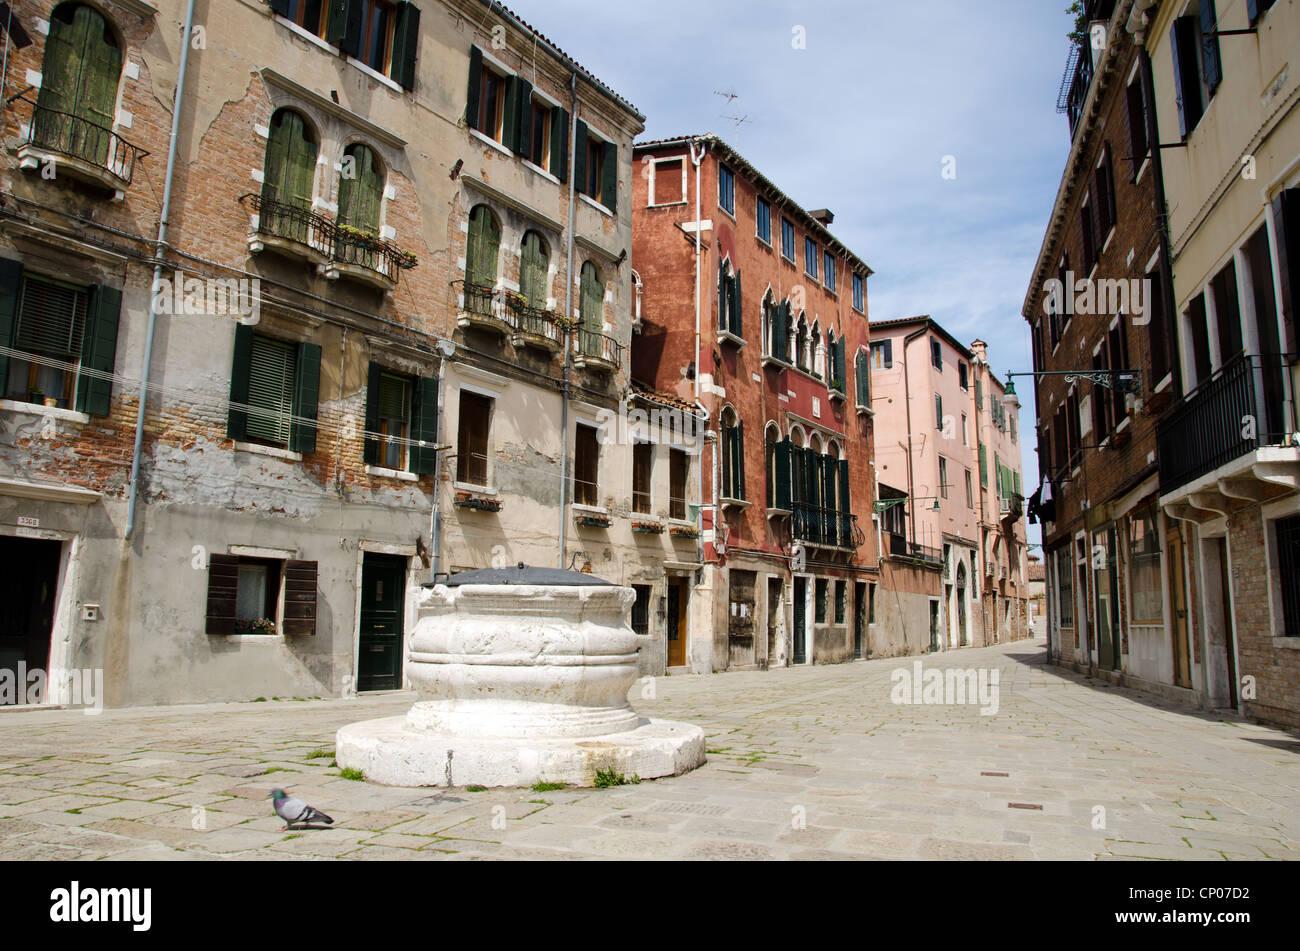 OOld pozo de agua en el Campo dei Mori (cuadrado) - Morisca Cannareggio Sestiere, Venecia - Italia Imagen De Stock